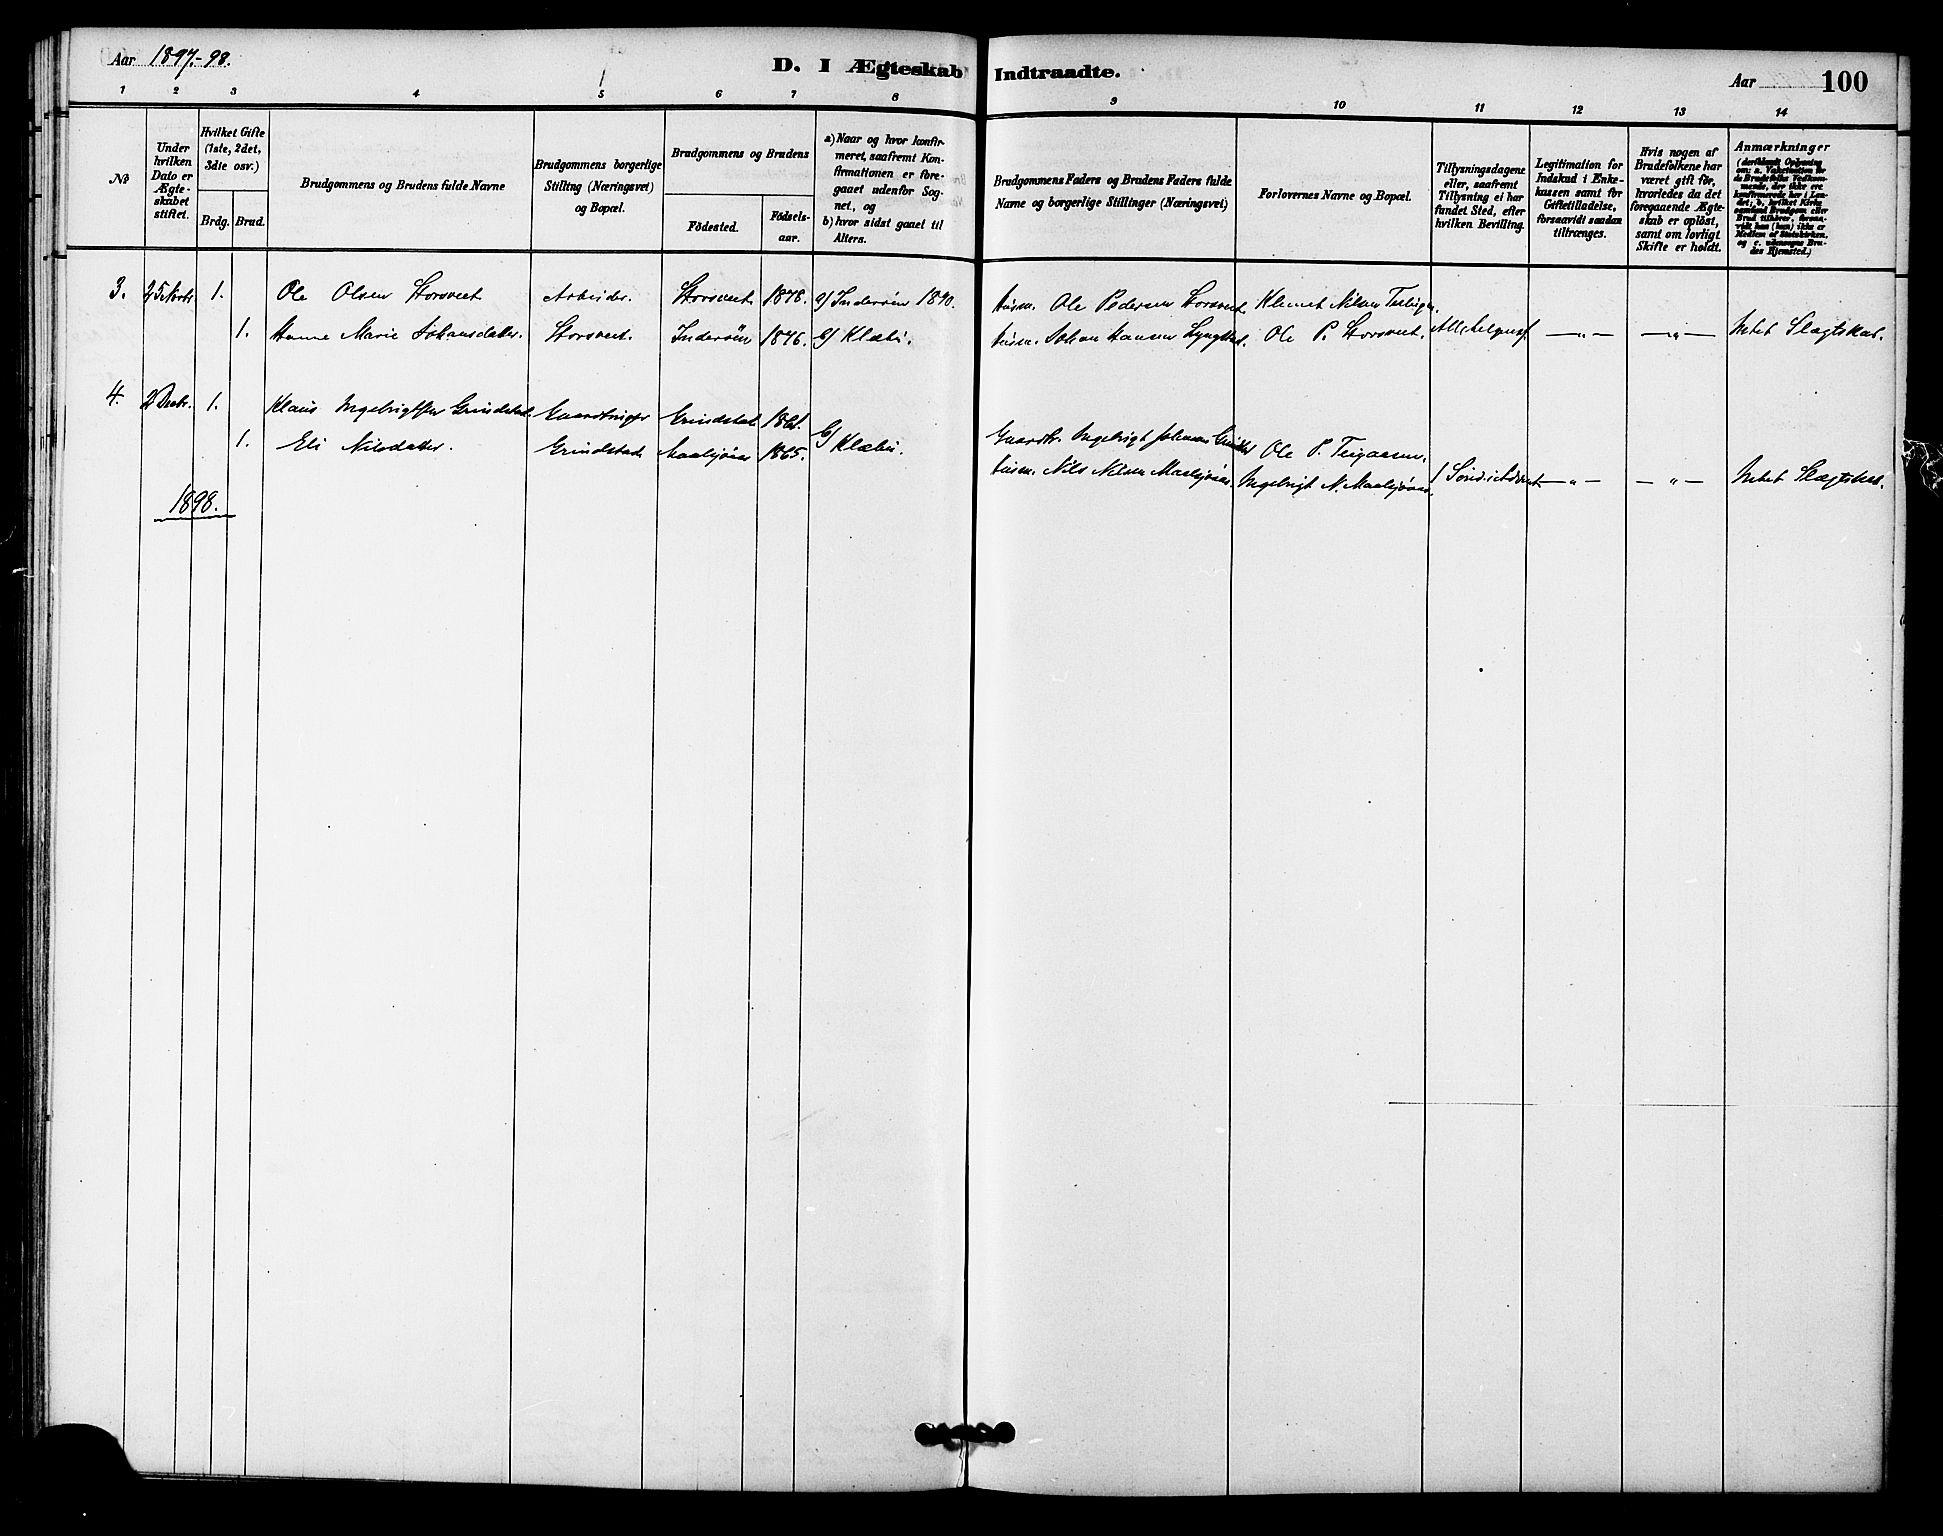 SAT, Ministerialprotokoller, klokkerbøker og fødselsregistre - Sør-Trøndelag, 618/L0444: Ministerialbok nr. 618A07, 1880-1898, s. 100